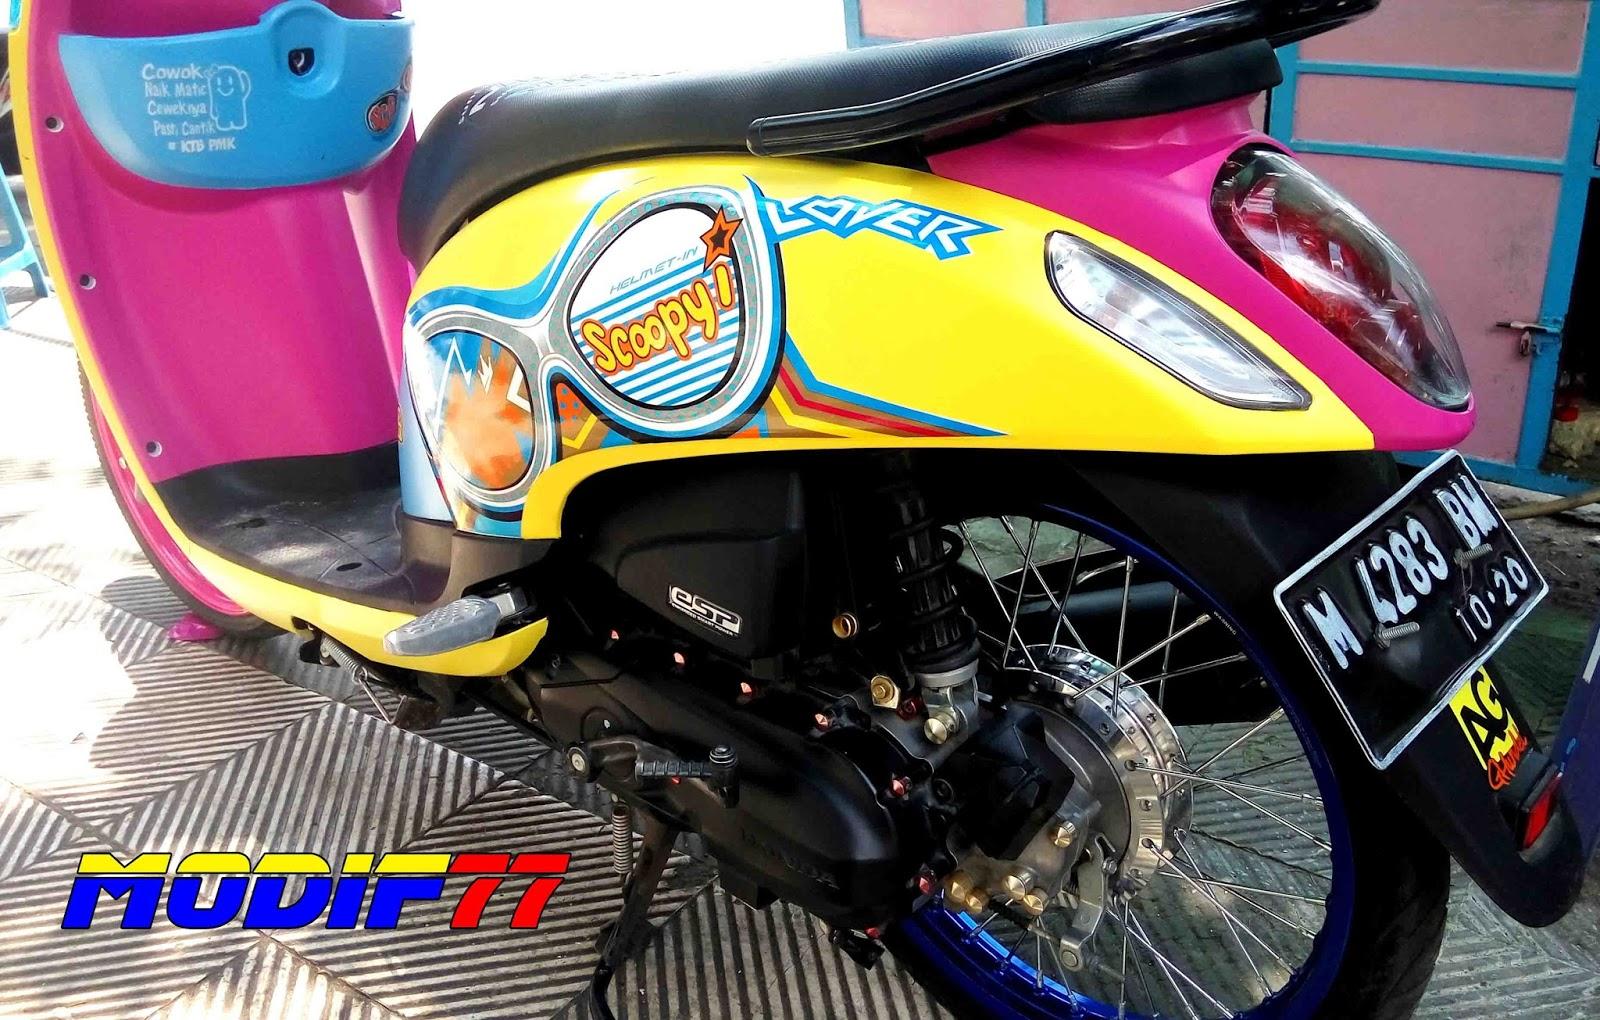 80 Gambar Modifikasi Scoopy Thailook Kumpulan Modifikasi Motor